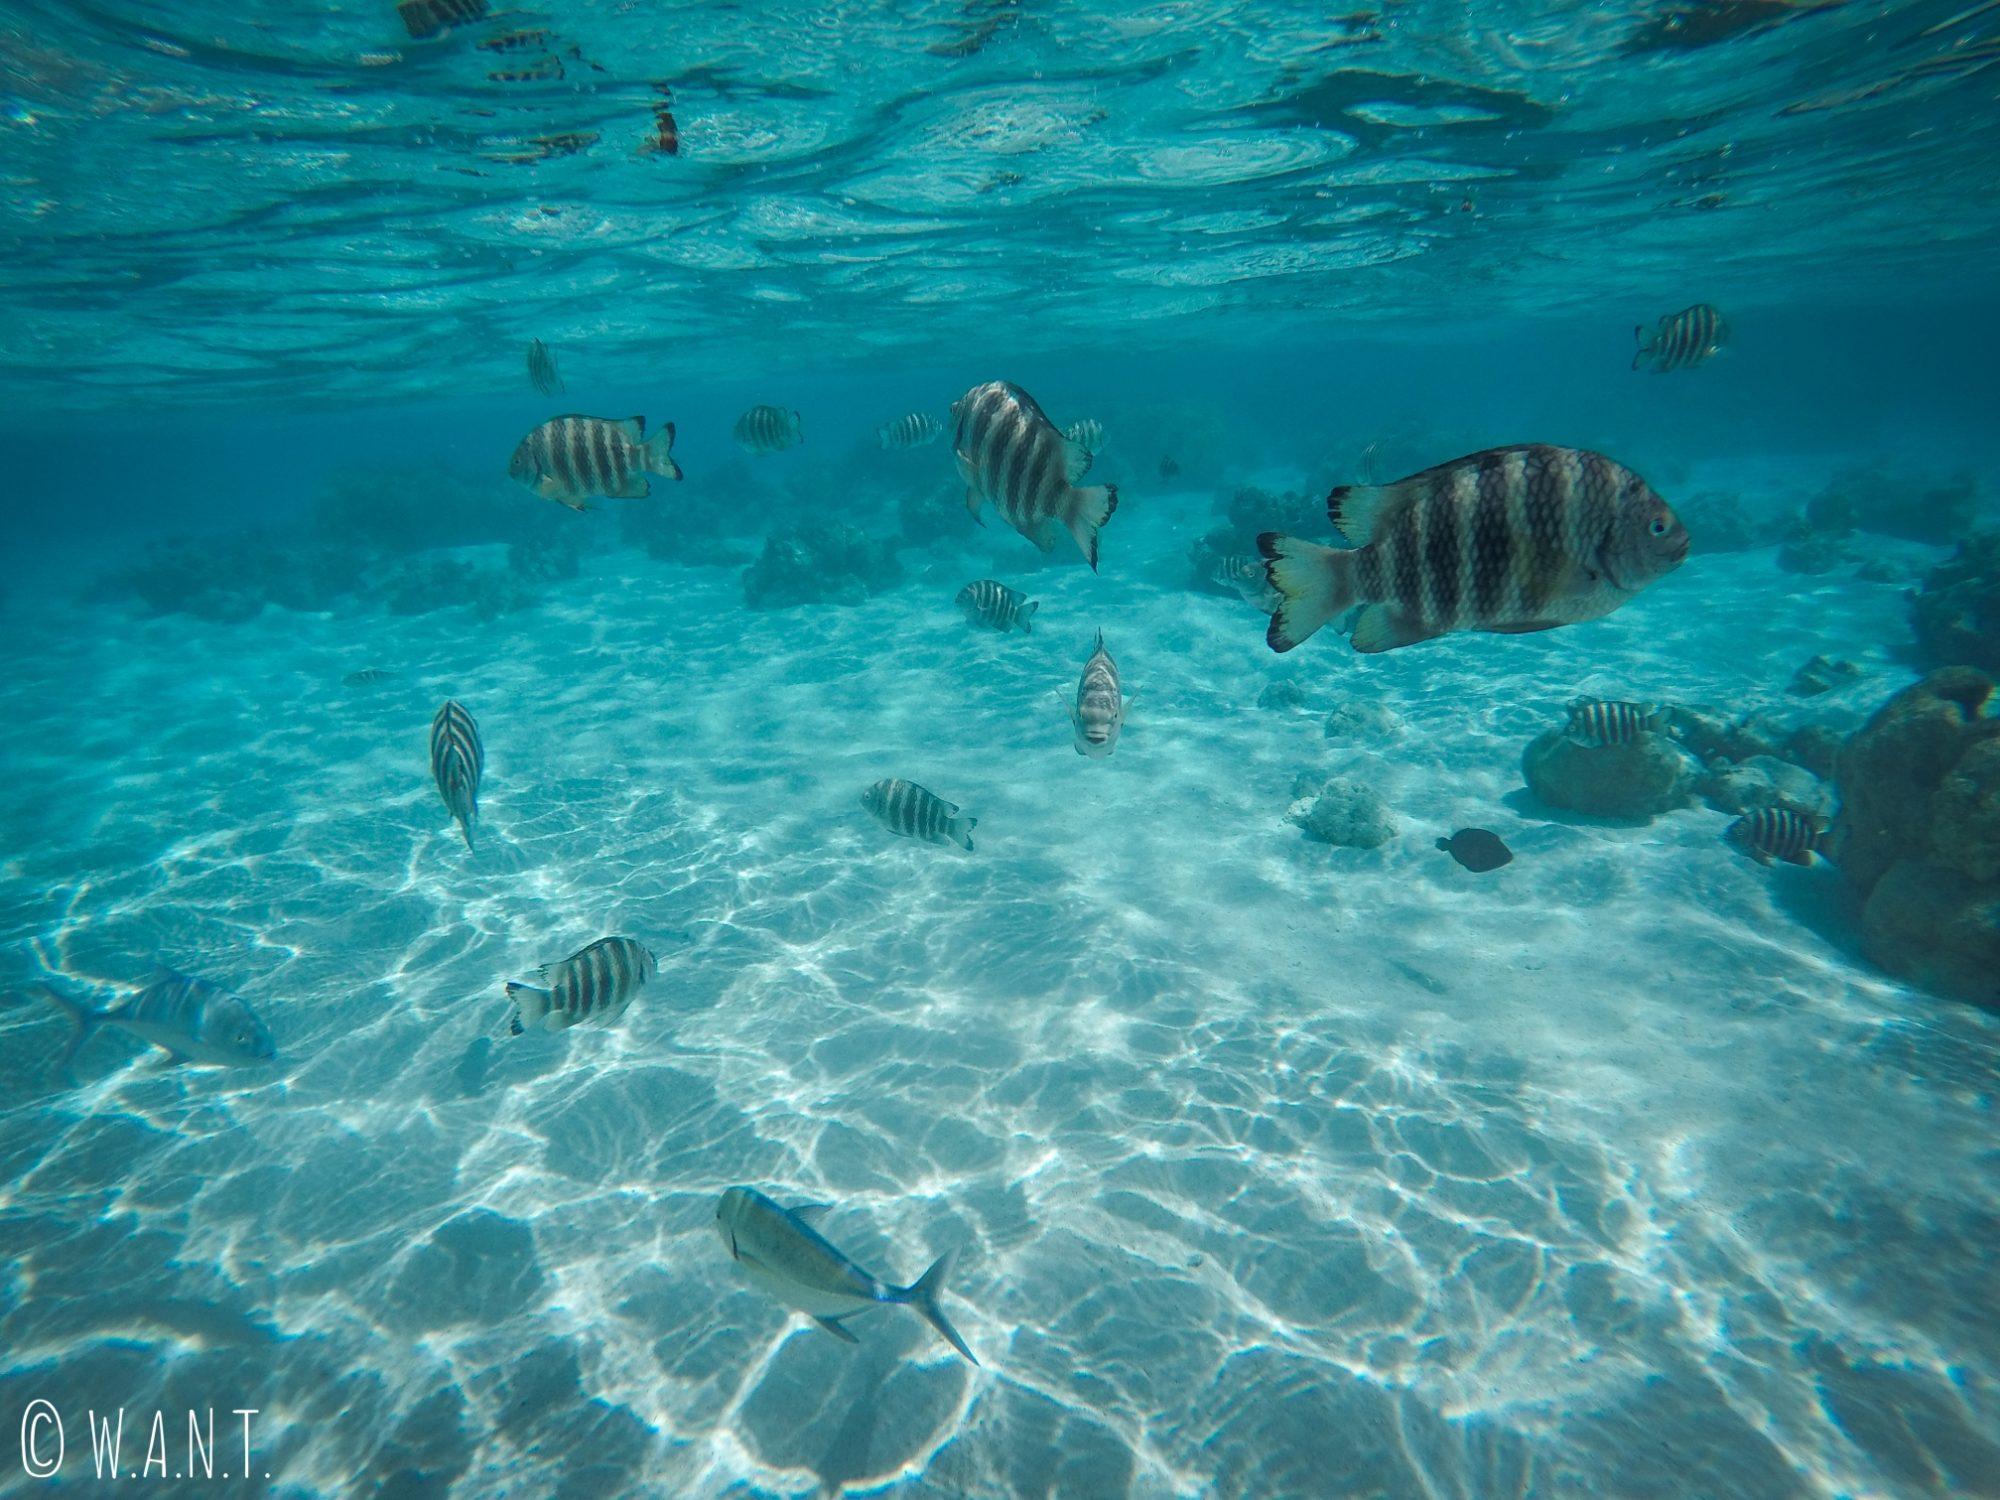 Les fonds marins sont plutôt riches dans le lagon de l'îe de Moorea